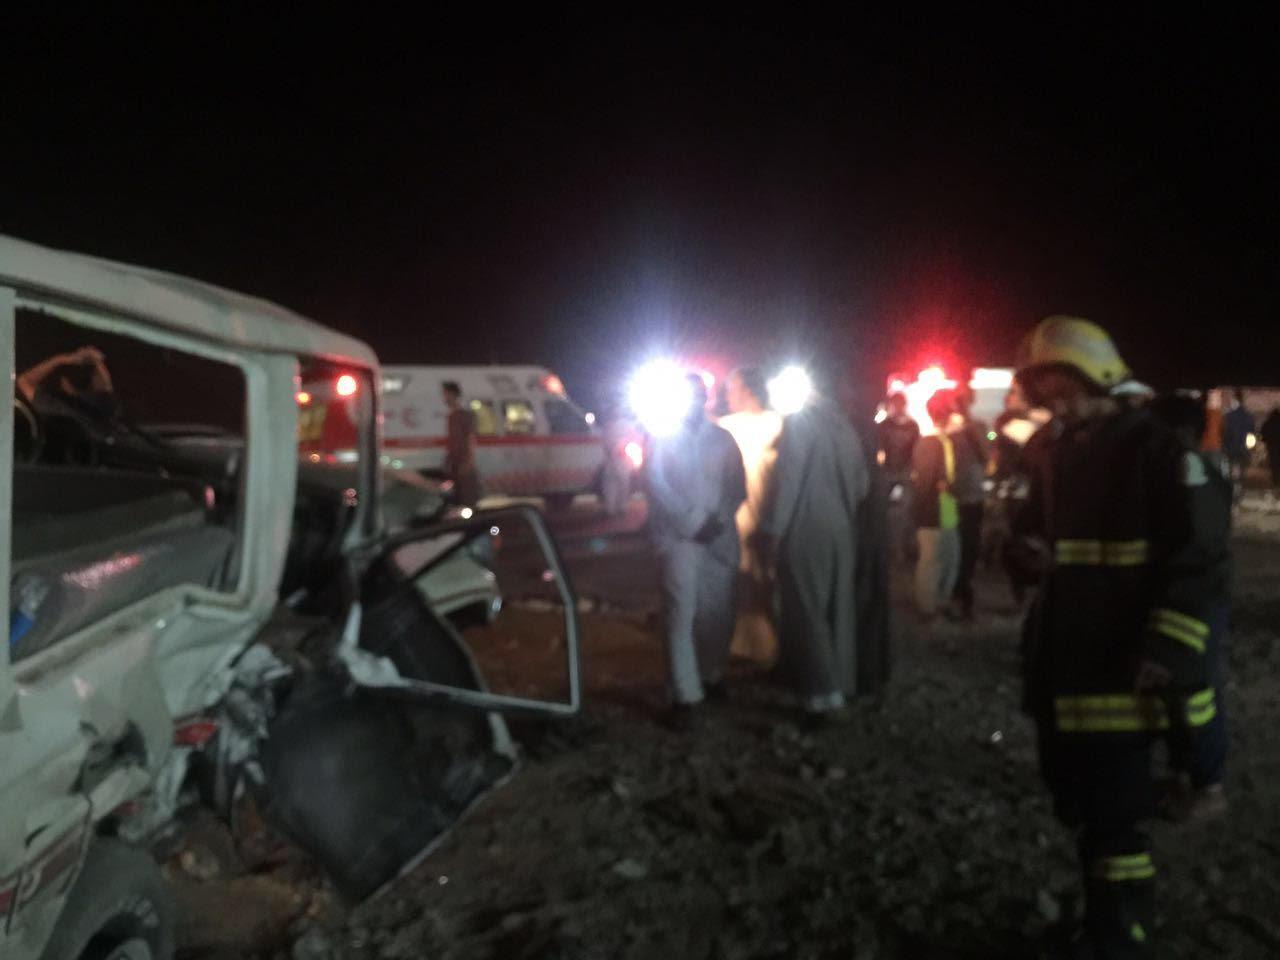 حادث تصادم بالمدينة المنورة (5)